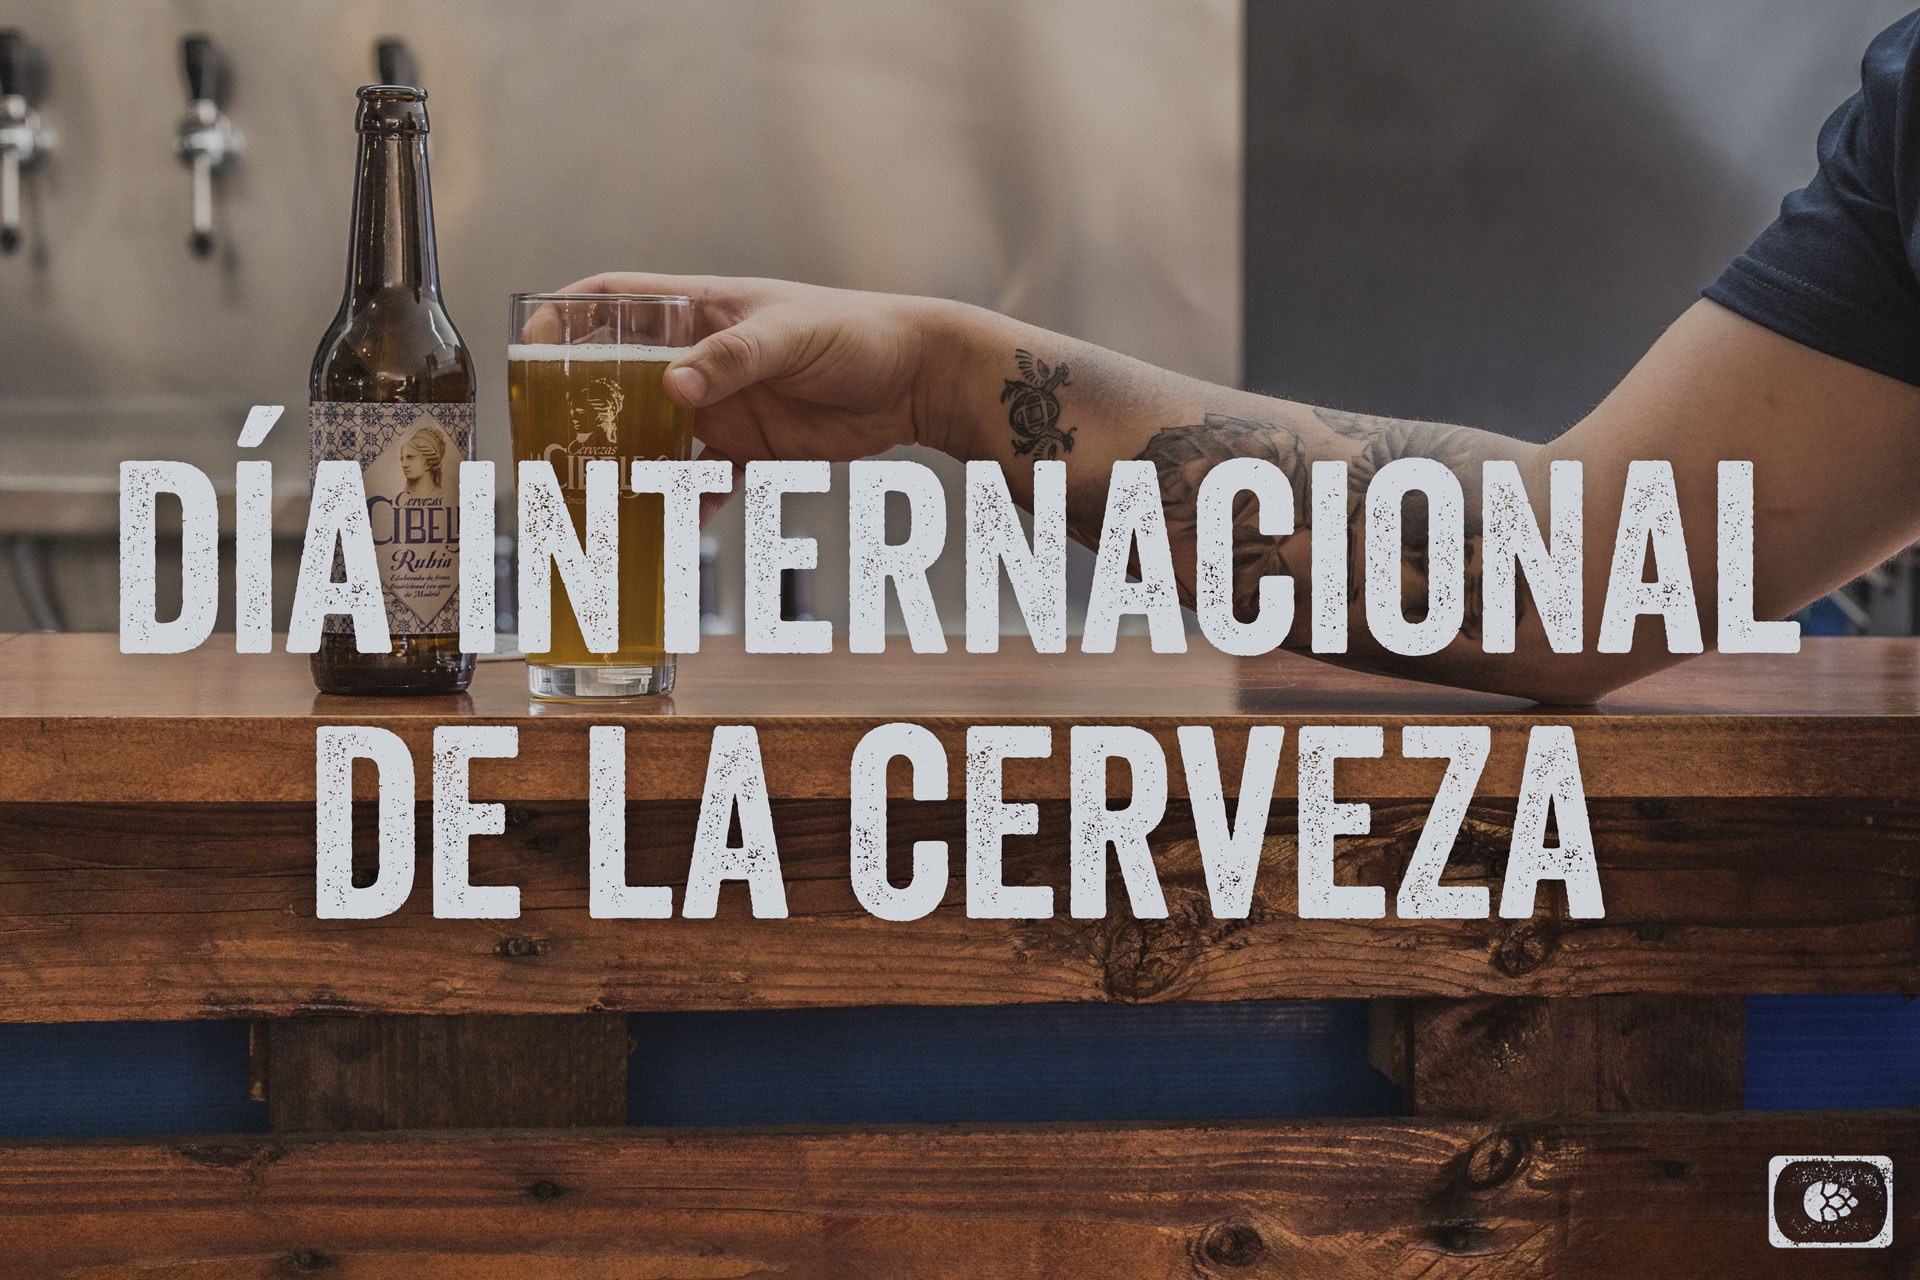 5 razones para beber cervezas artesanas día internacional de la cerveza